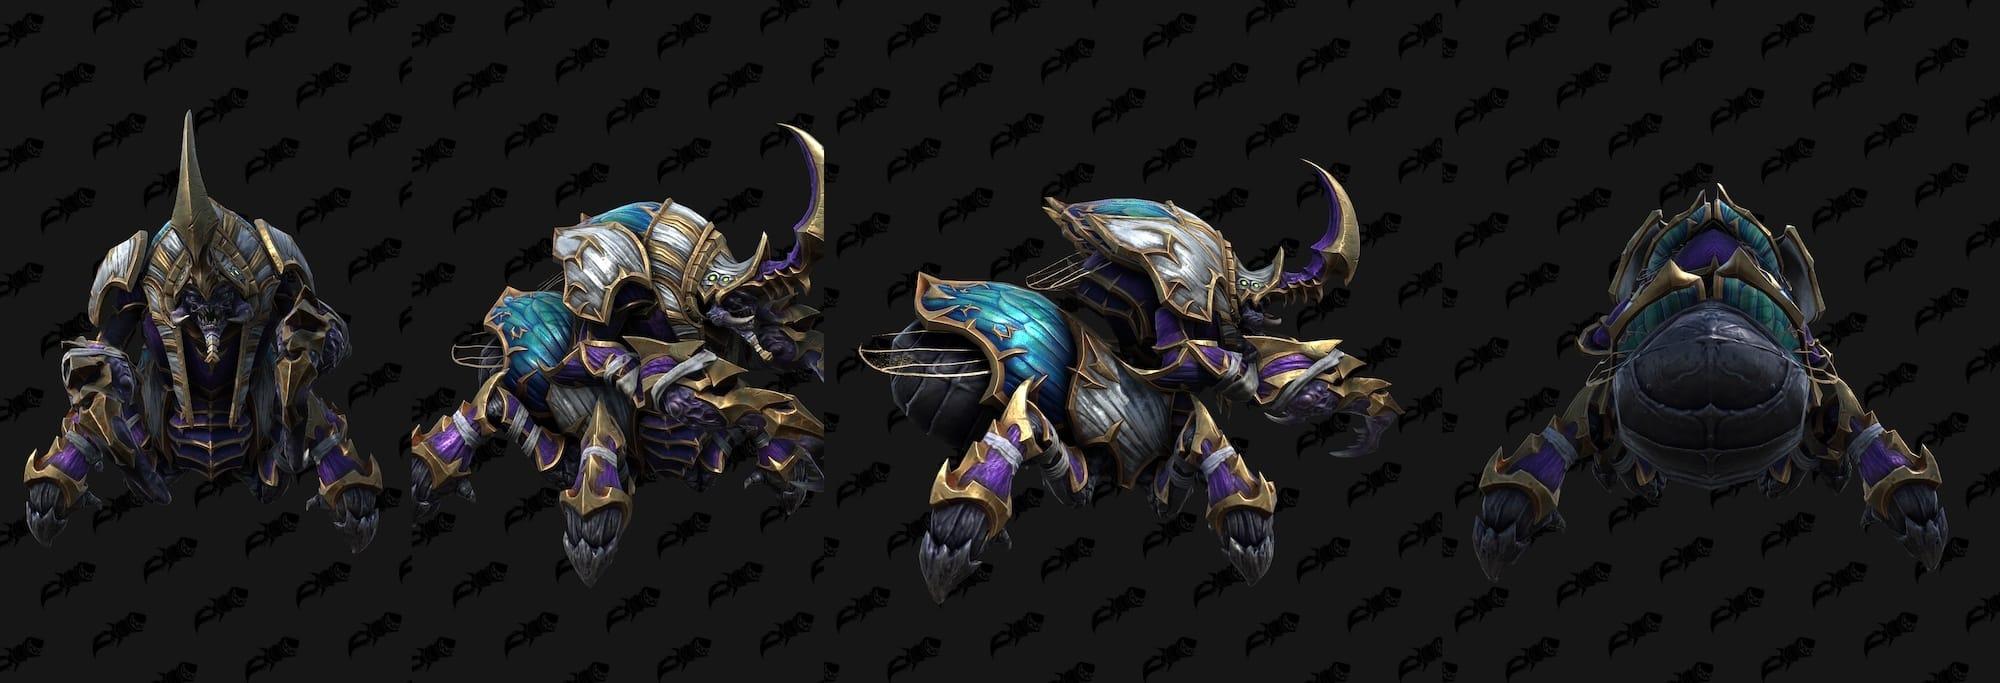 Warcraft 3 Reforged Así Son Sylvanas O Arthas Y Muchos Más